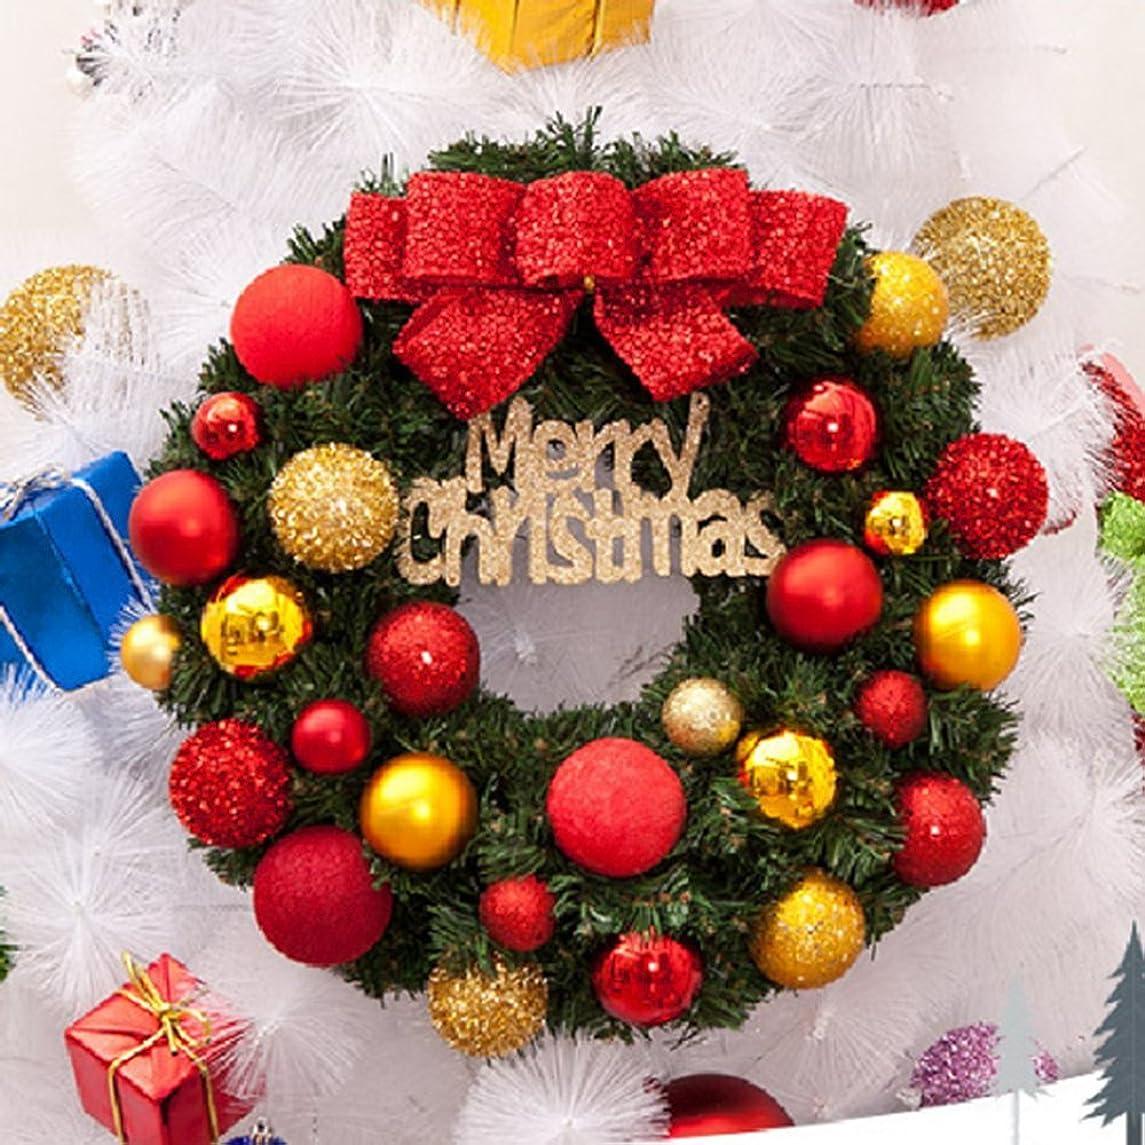 罪人死傷者チャールズキージングクリスマス リース 玄関 ドア ゴージャス かわいい 選べる 3種類 ゴールド レッド パウダースノー 贈り物 にも Merry Christmas (レッド)